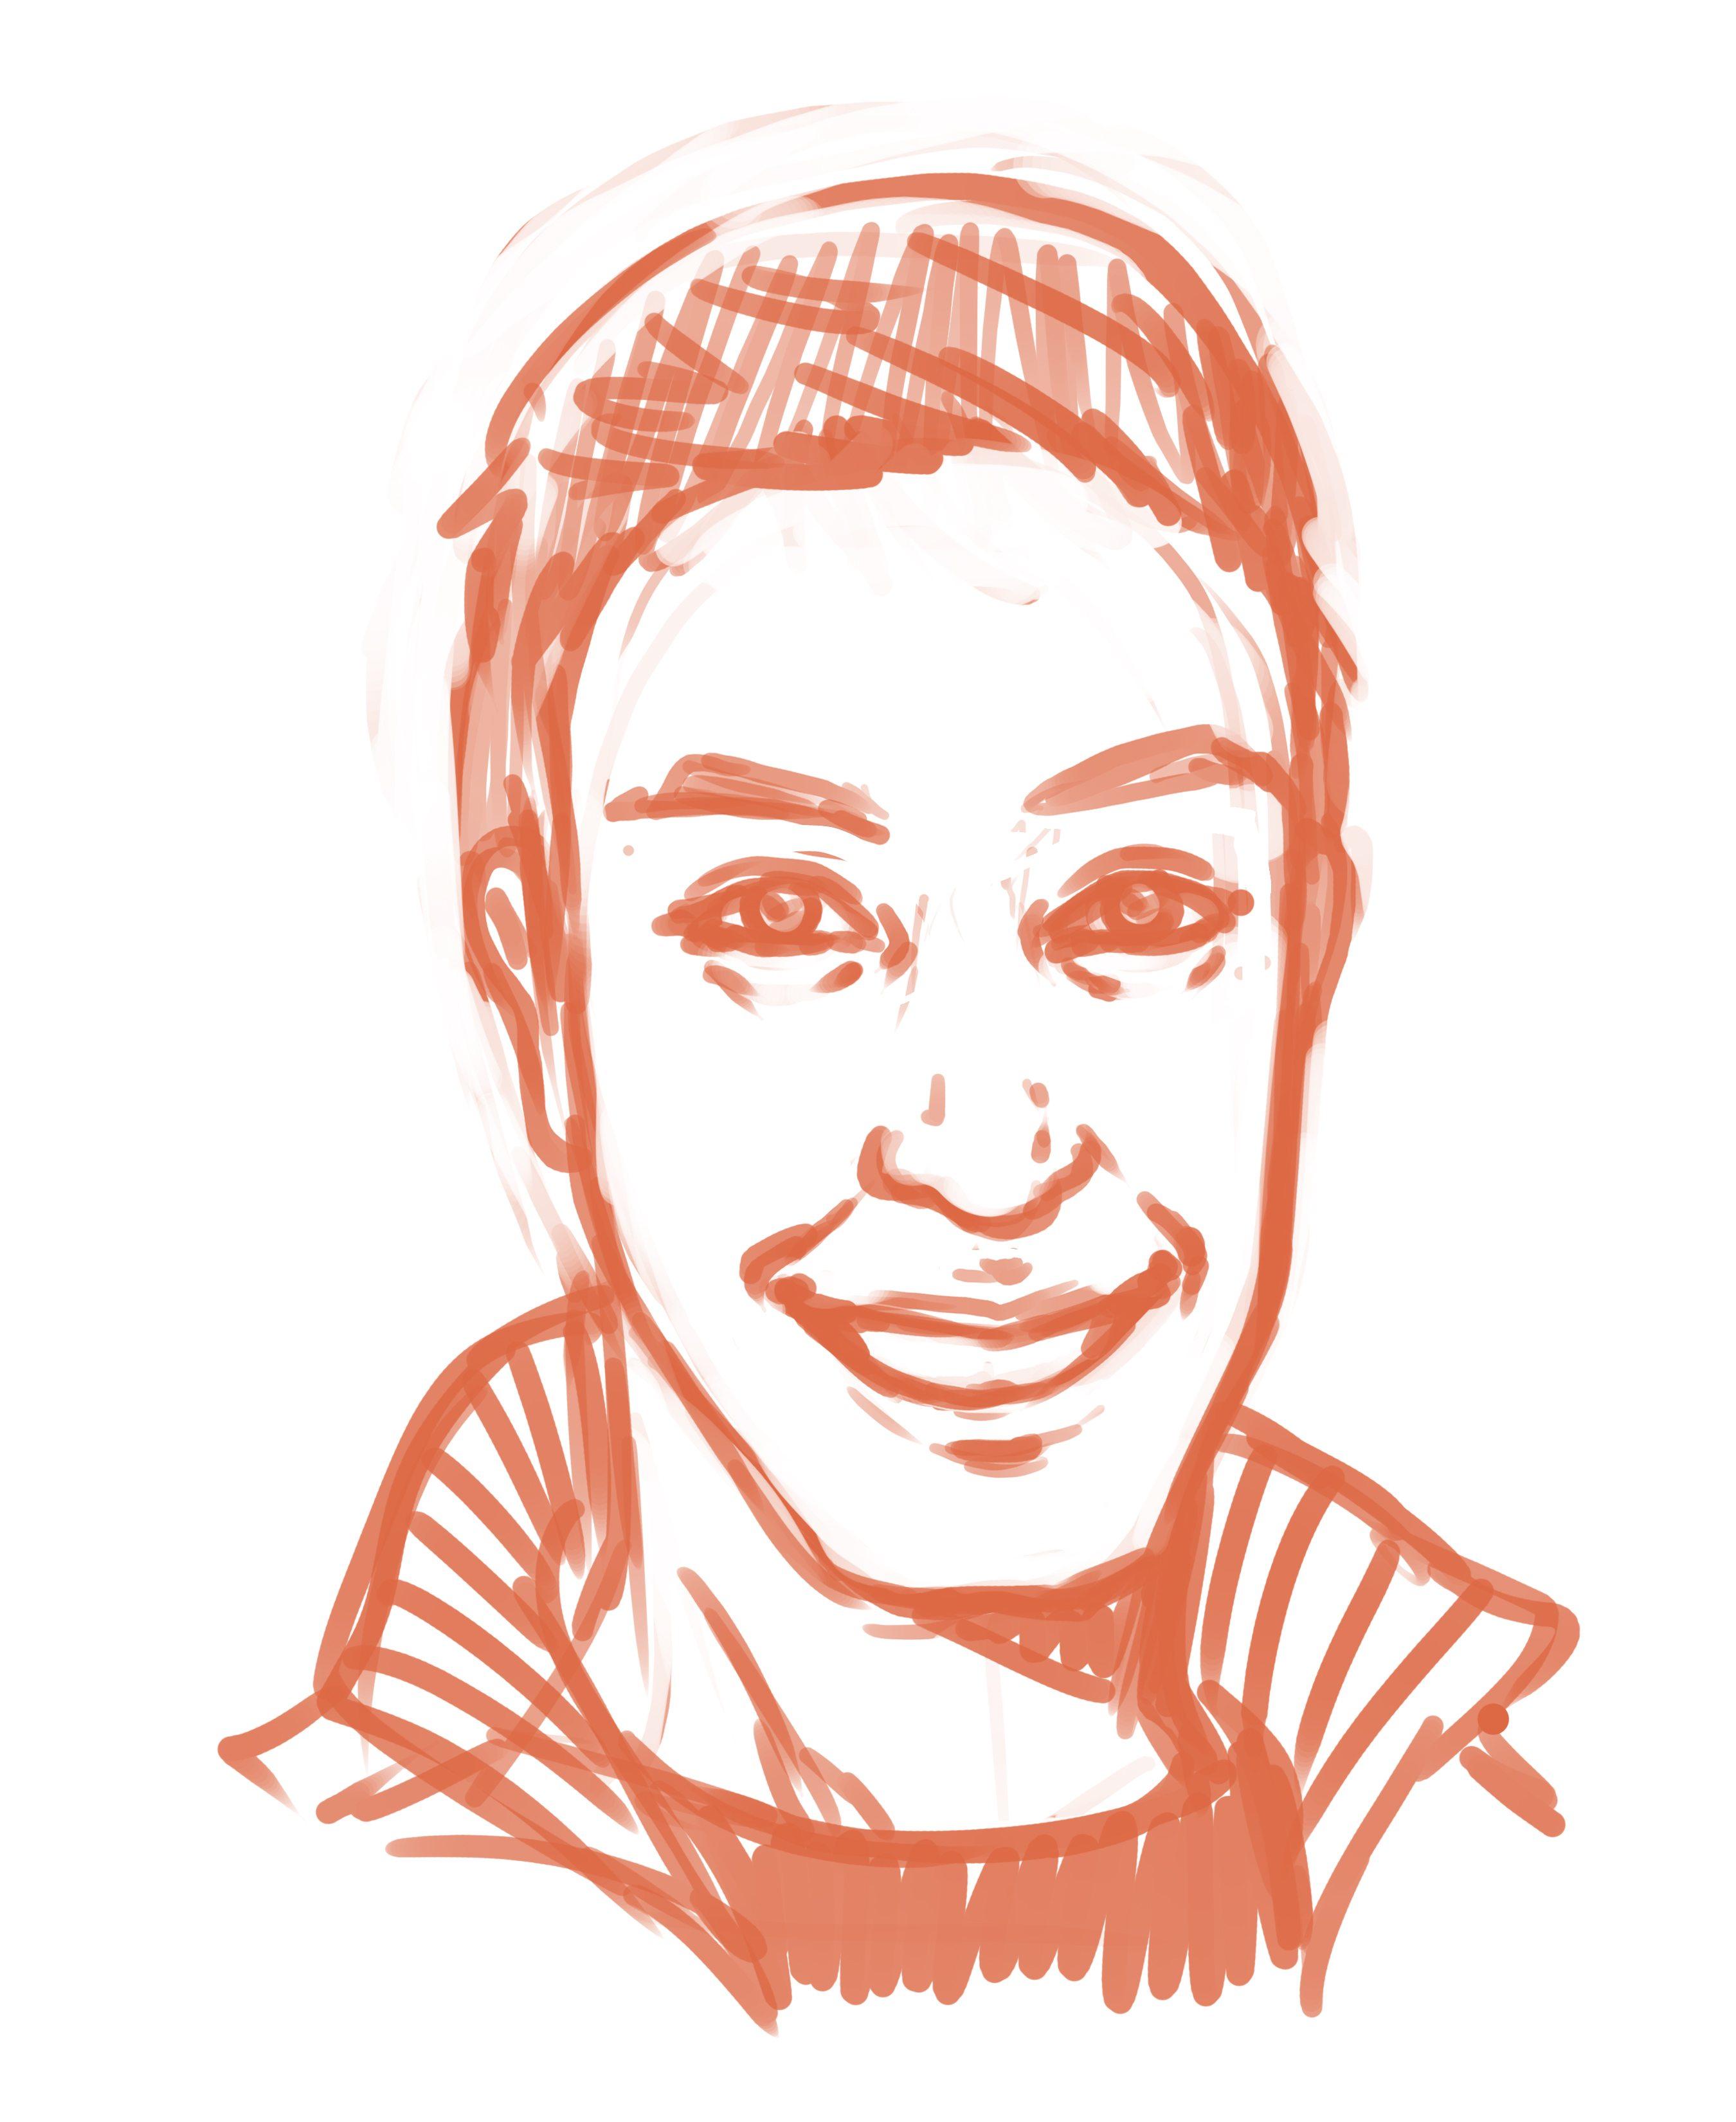 WIP Portrait of Ed Roman by Joseph Lee